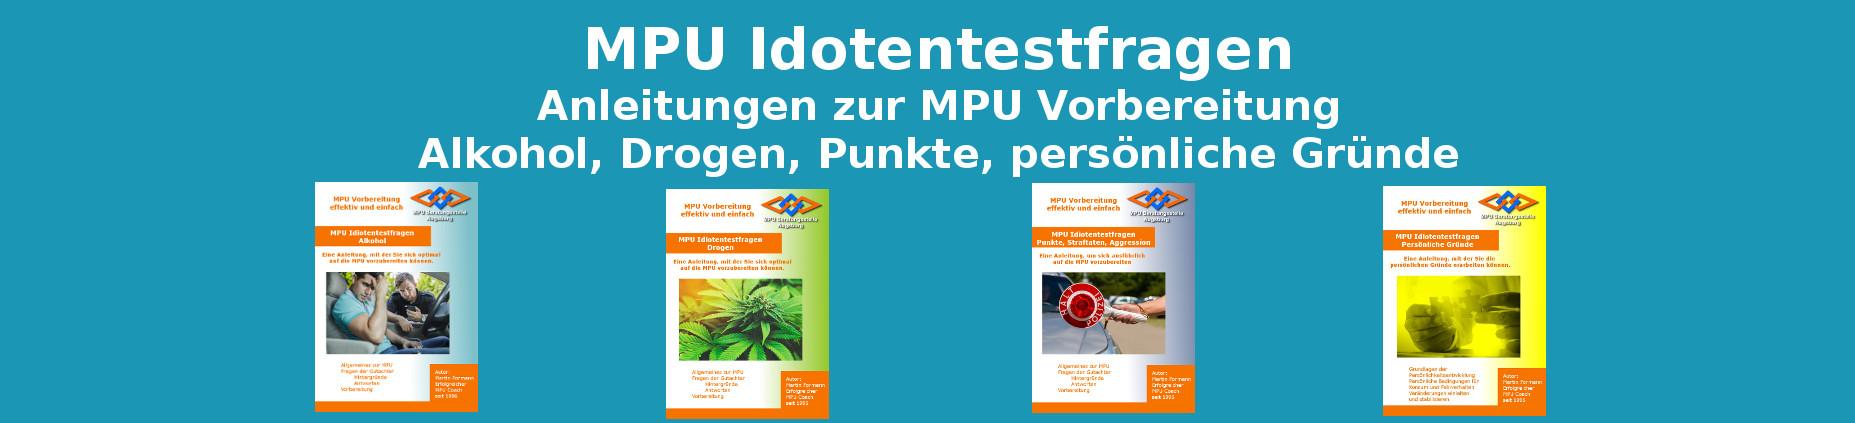 Buch Anleitungen MPU Vorbereitung